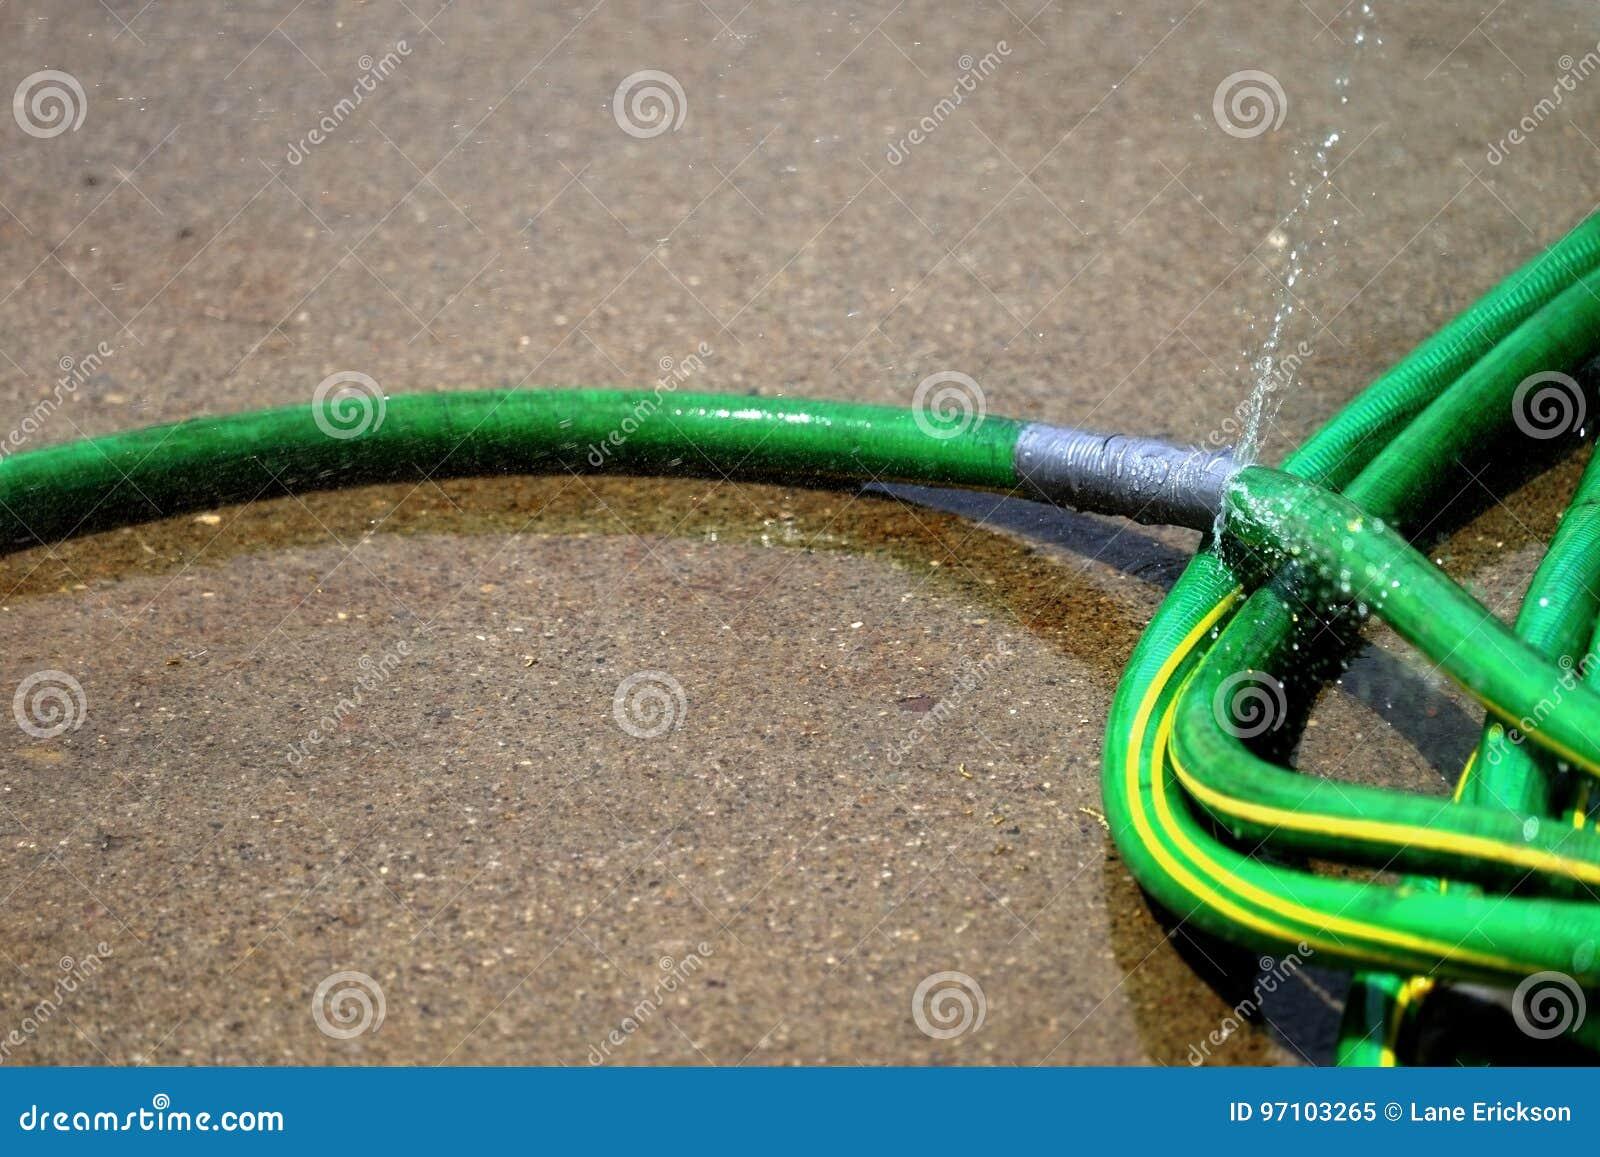 Green Hose Leaking Spraying Water Stock Image - Image of burst ...